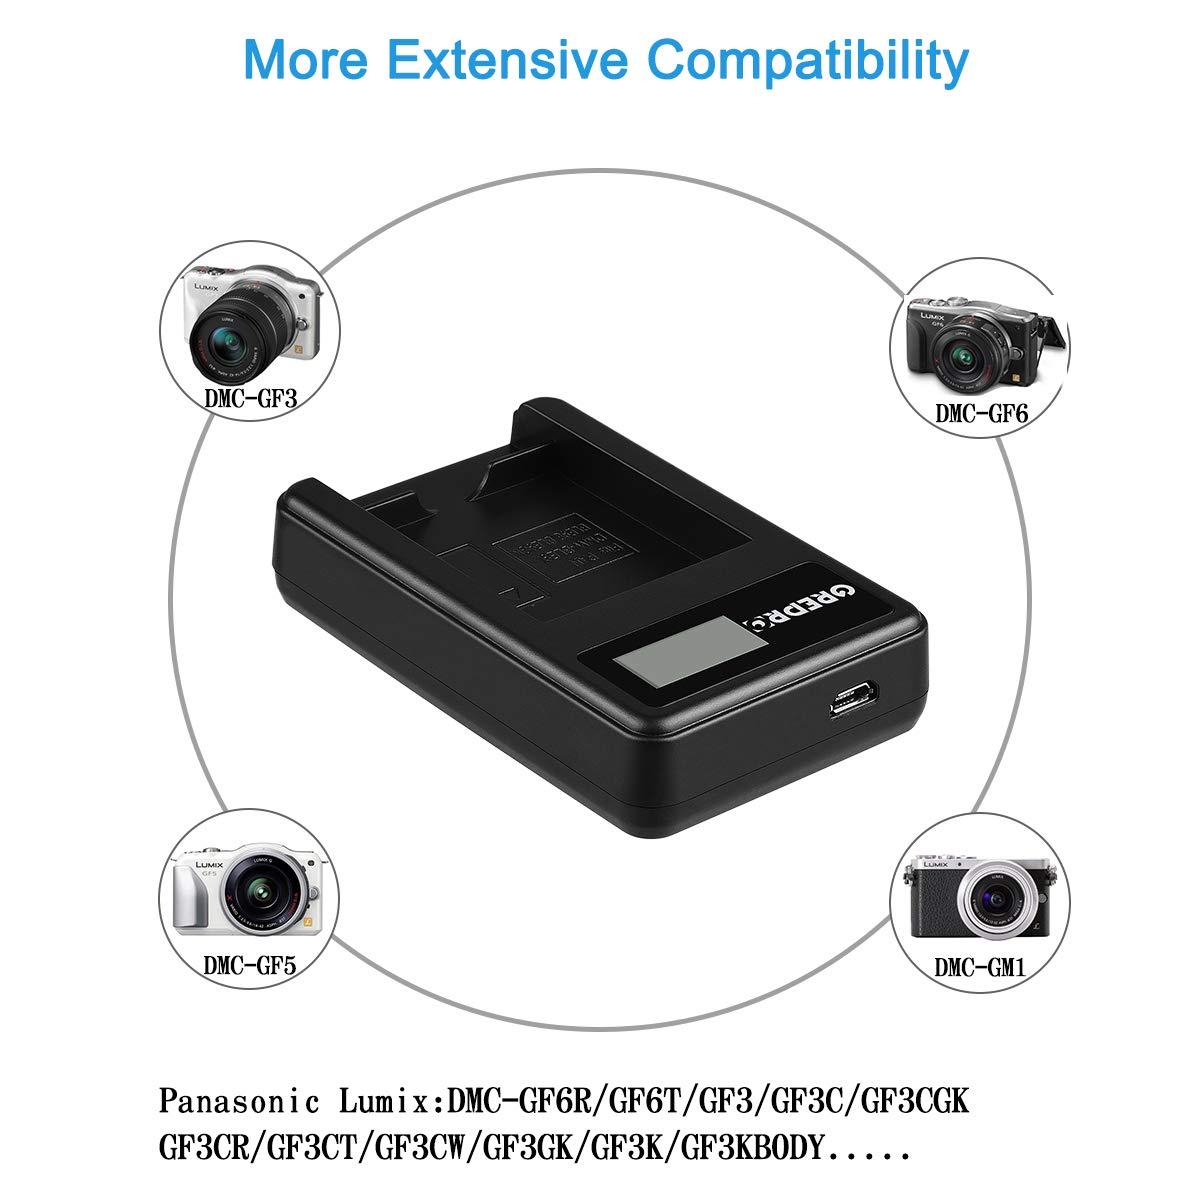 and Rapid LCD USB Charger Kit for Sony NP-BK1 and Cybershot DSC-W180 DSC-S950 DSC-S780 Grepro NP-BK1 Battery DSC-S980 DSC-W370 Bloggie MHS-CM5 DSC-S750 MHS-PM1 MHS-PM5 DSC-W190 2 Packs